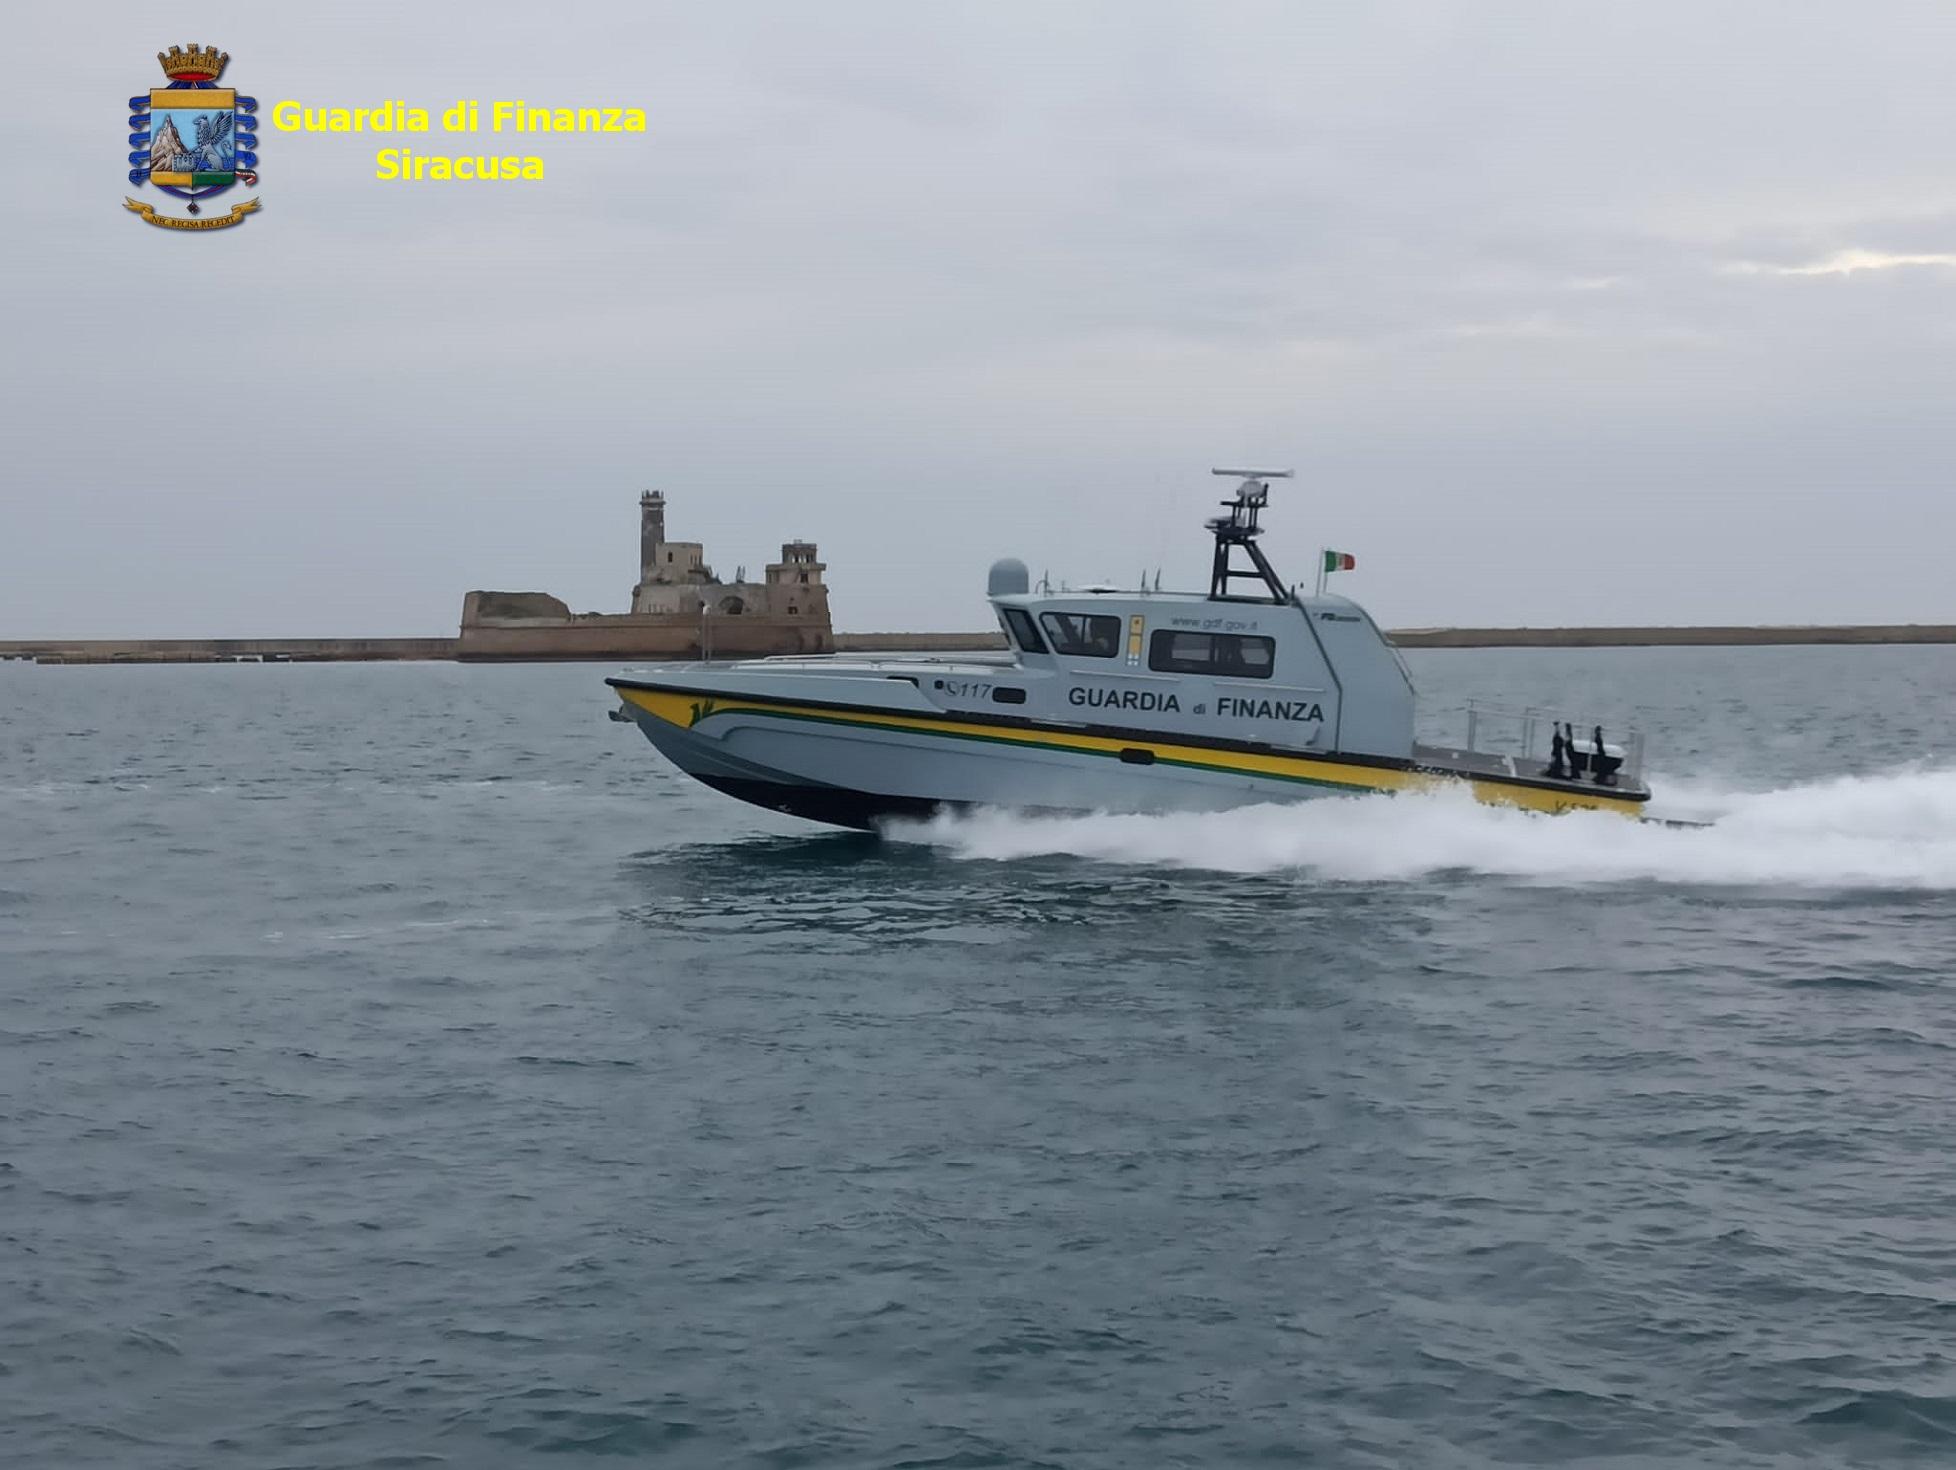 Pesca illegale, catanese bloccato vicino a nave per quarantena migranti